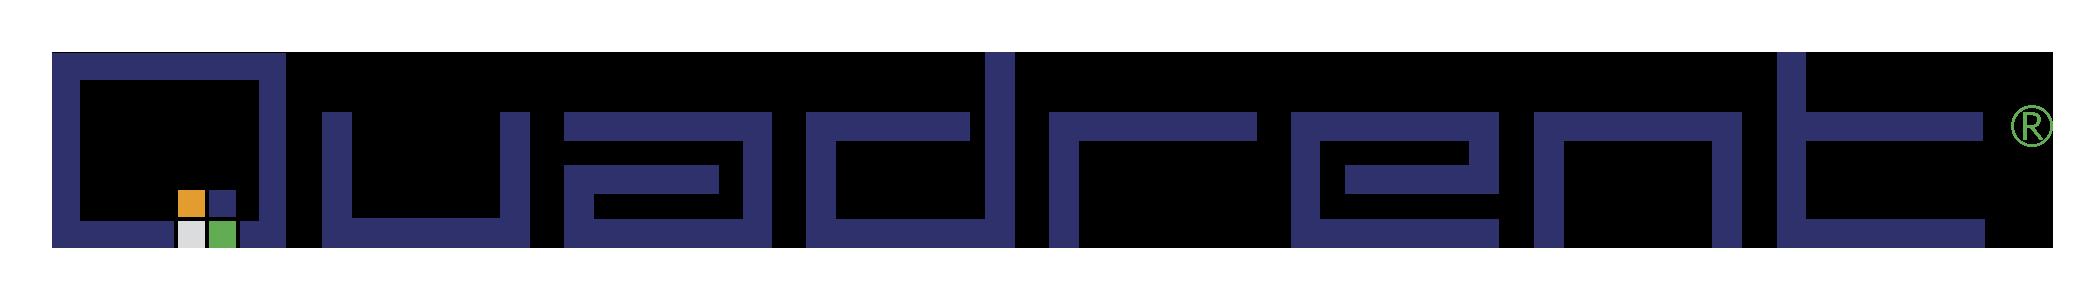 Quadrent-logo-2021